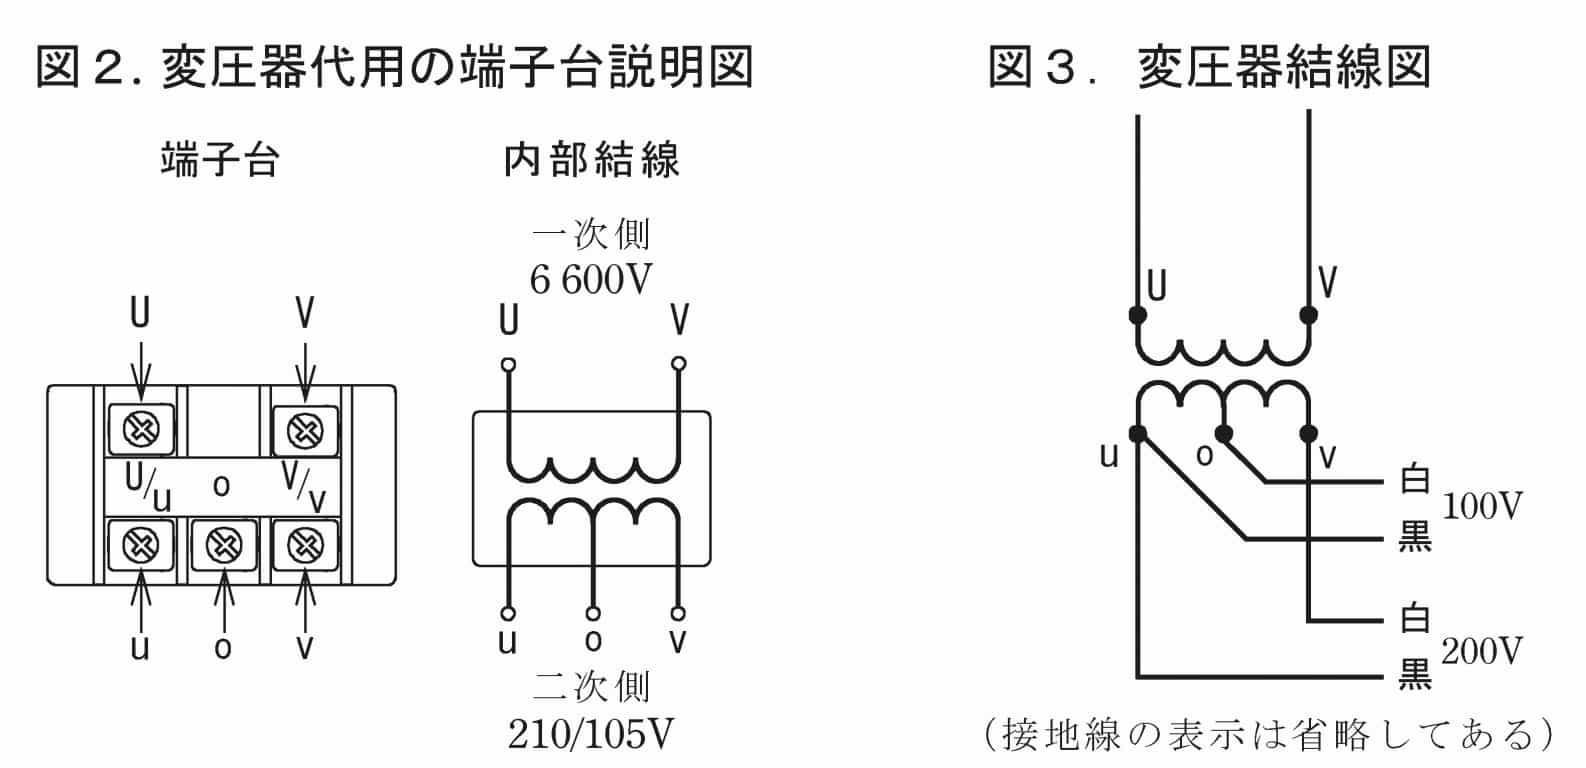 第一種電気工事士の技能試験の試験問題No.1の内部配線